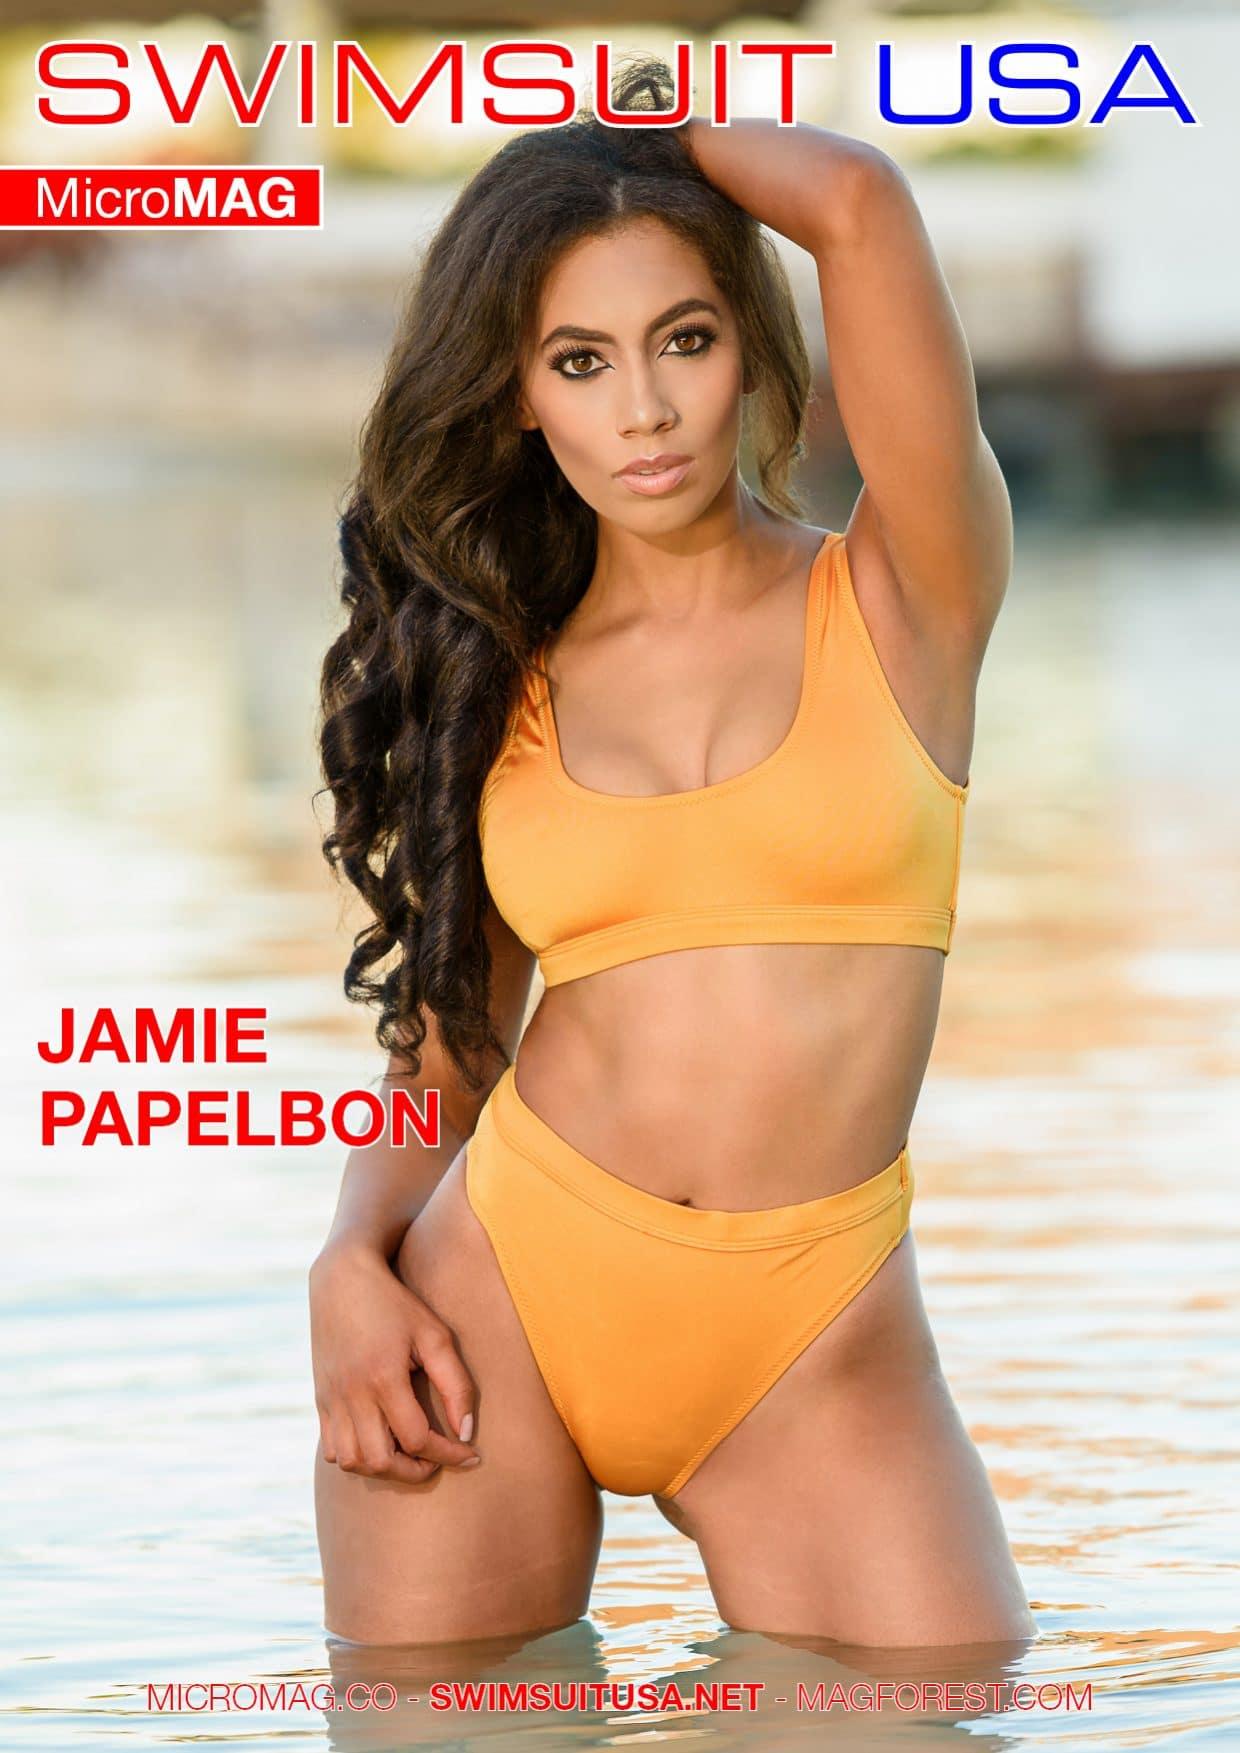 Swimsuit USA MicroMAG - Jamie Papelbon 1